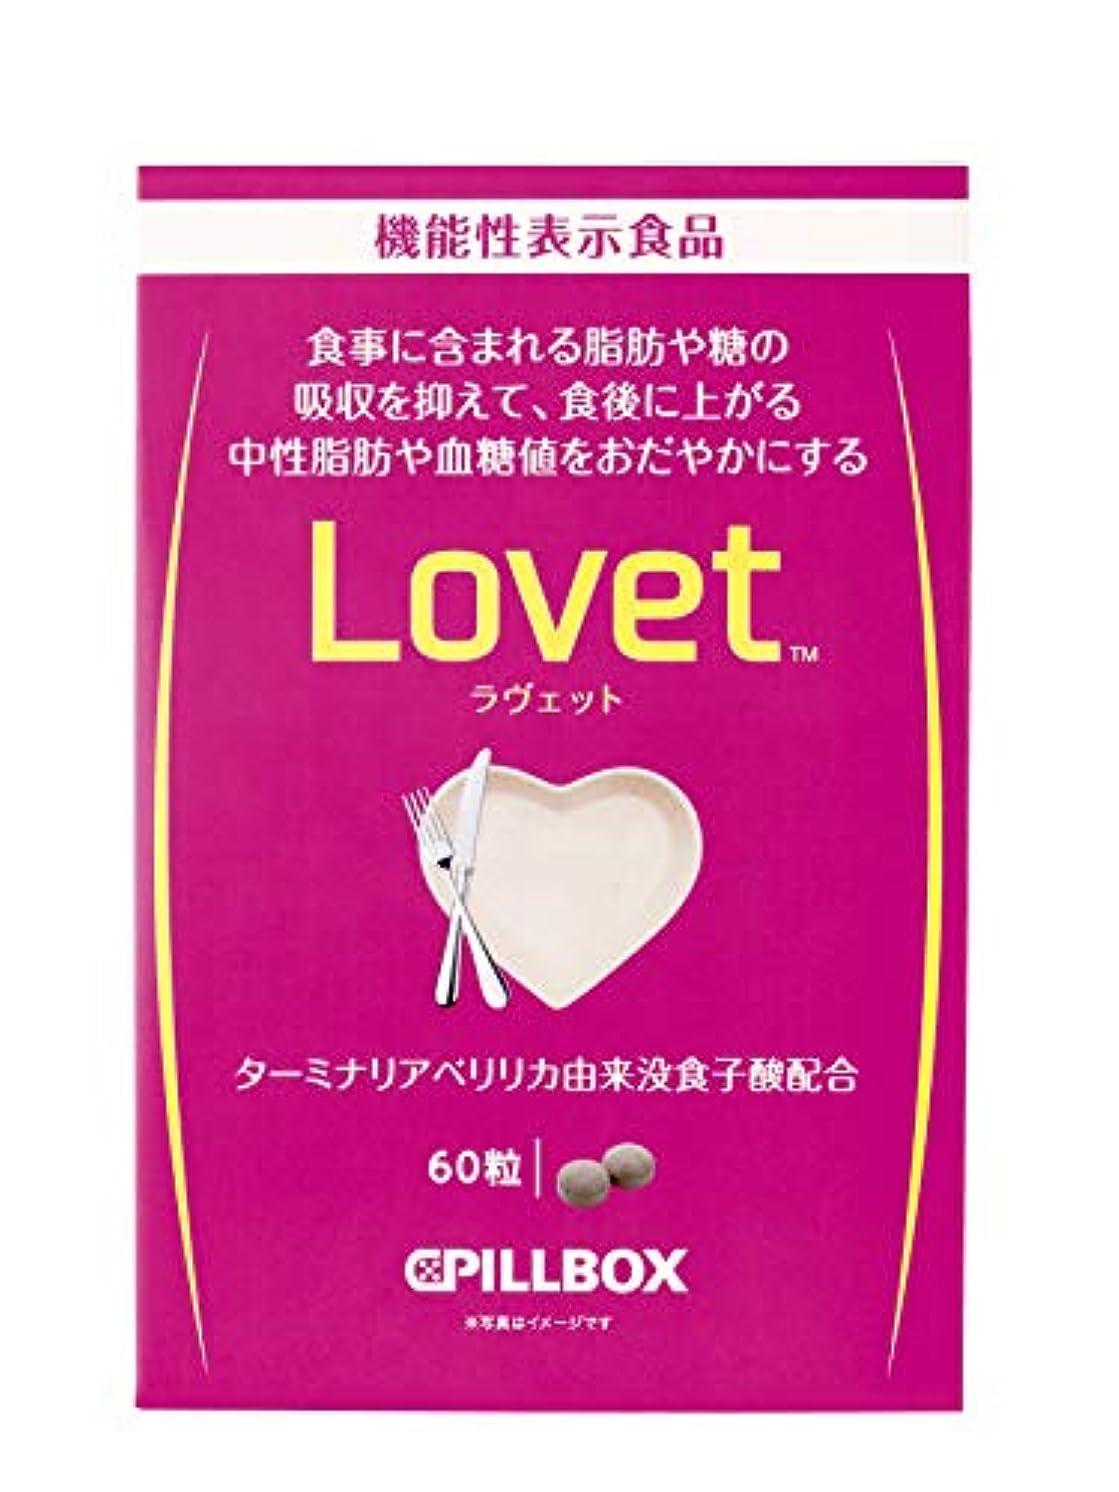 予定ベッドを作るパレードピルボックス Lovet(ラヴェット)60粒 [機能性表示食品]